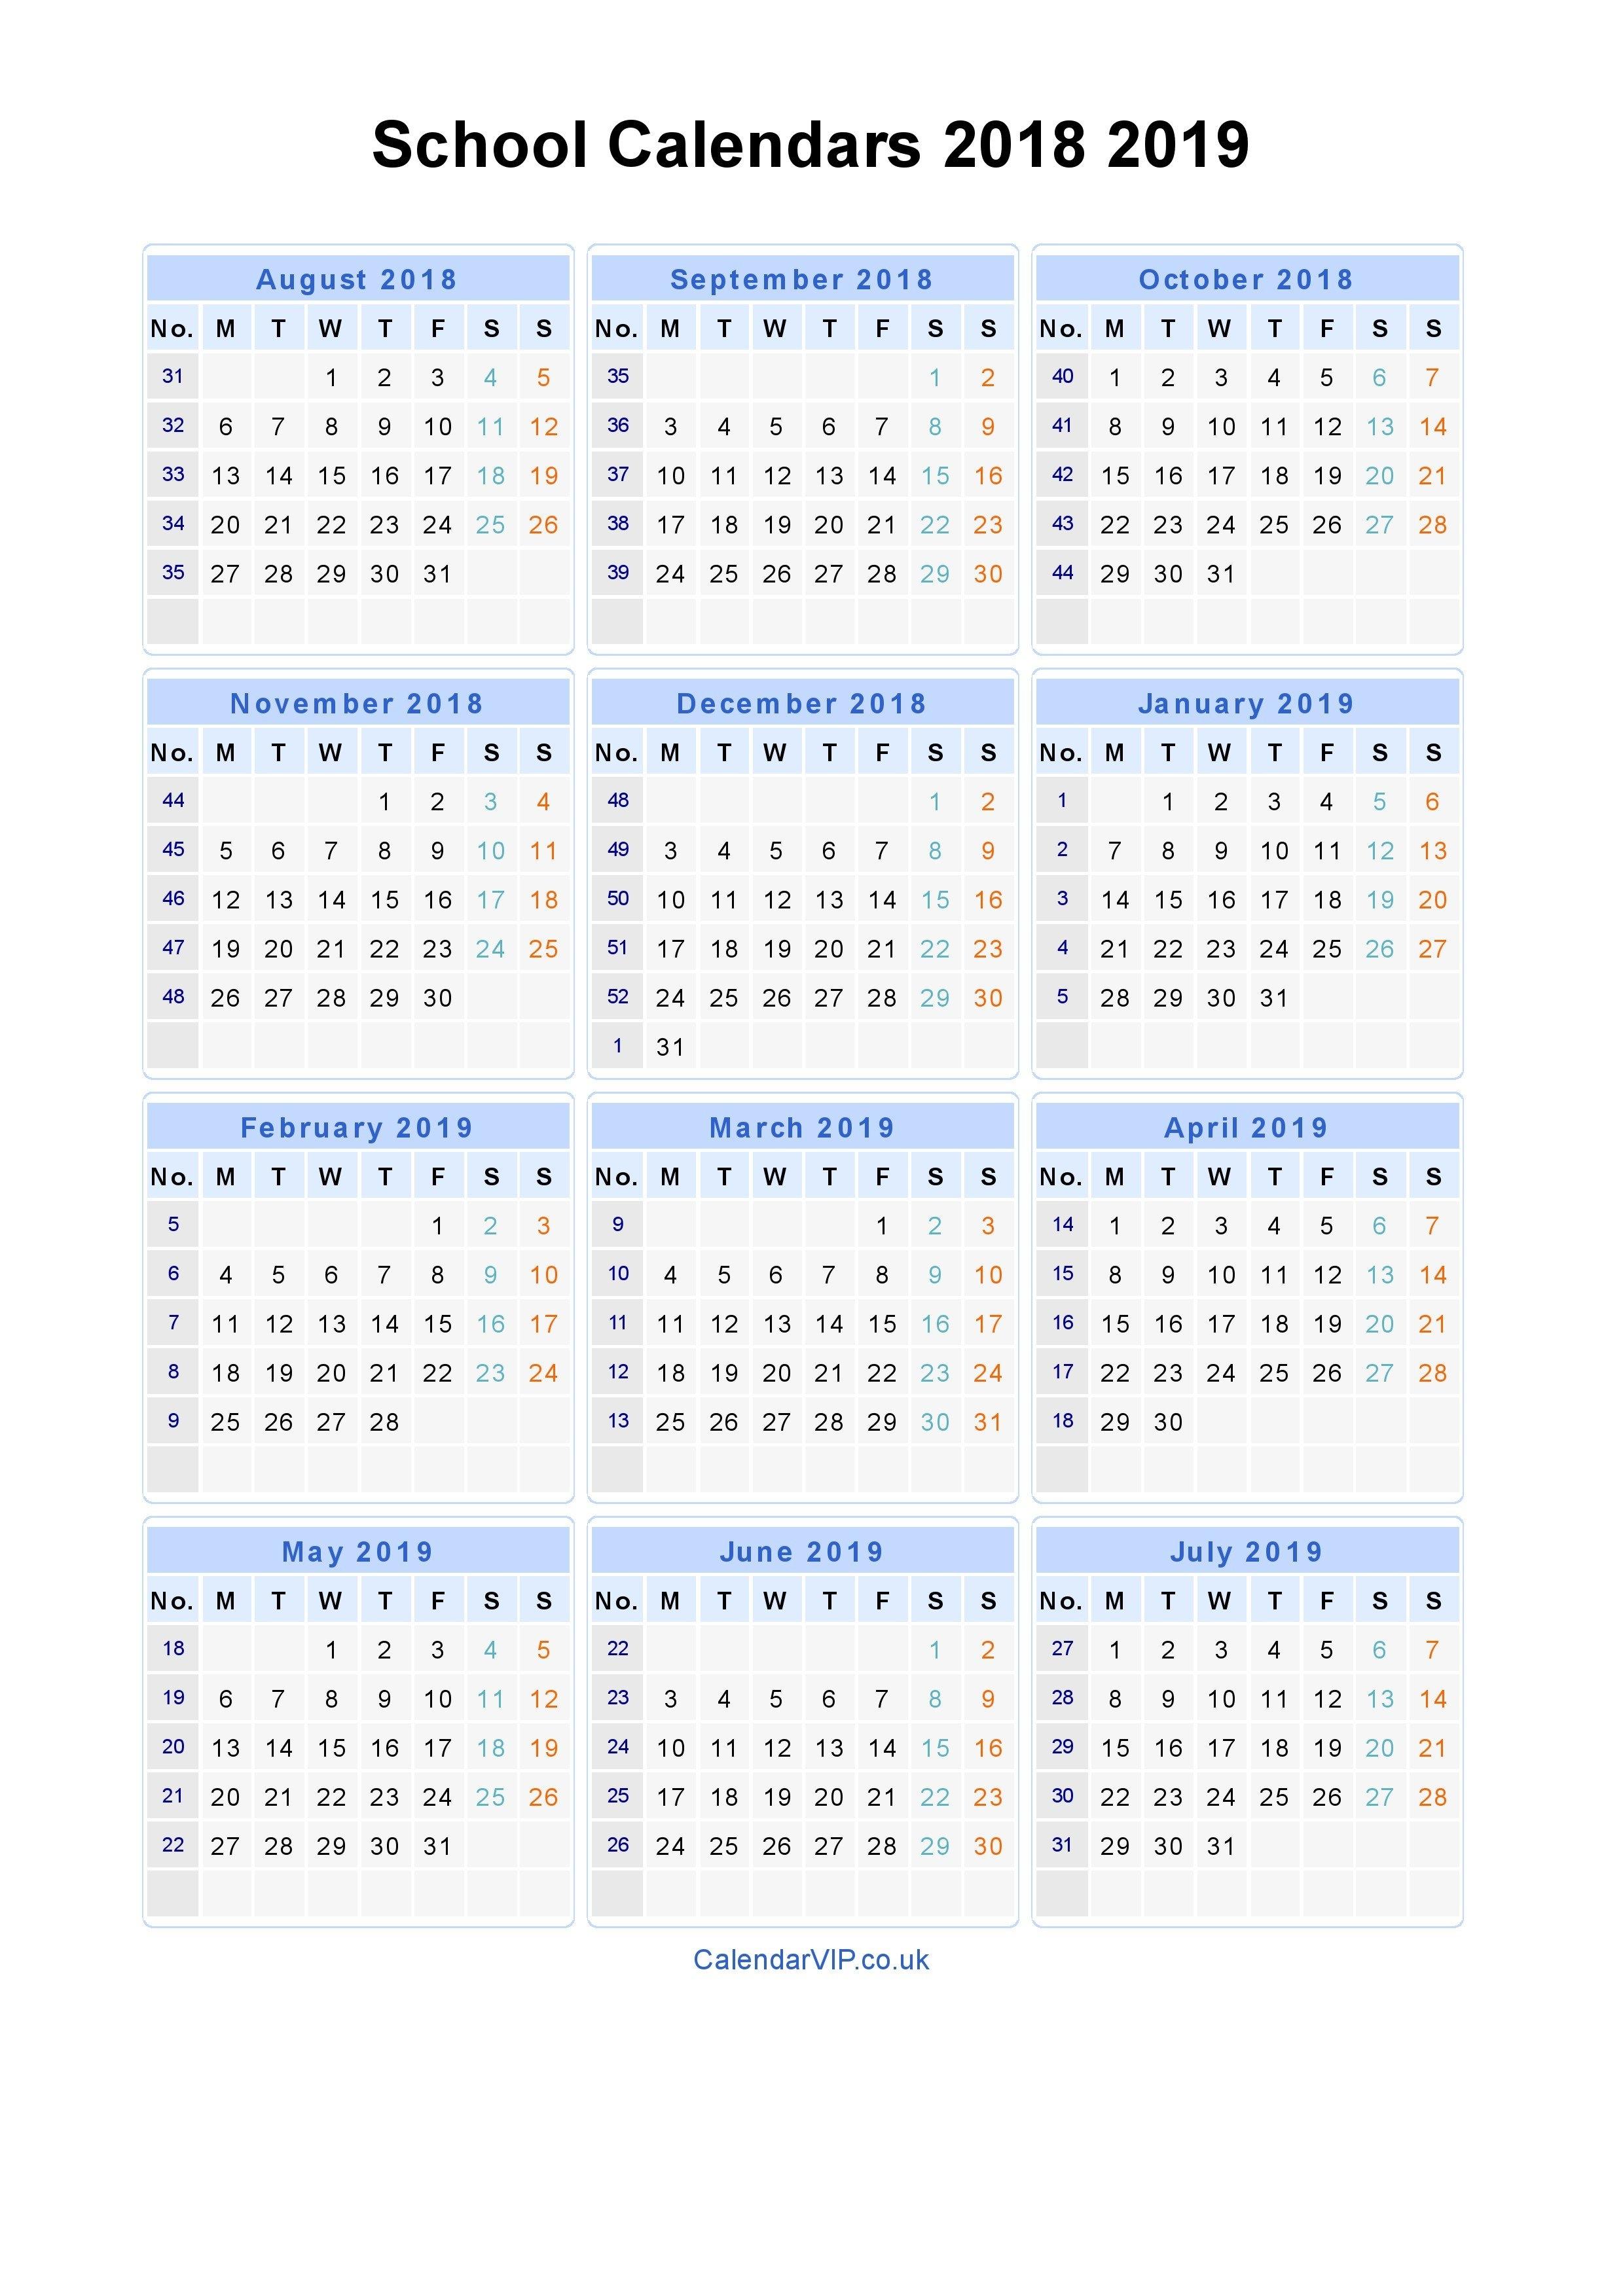 School Calendars 2018 2019 - Calendar From August 2018 To July 2019 Calendar 2019-19